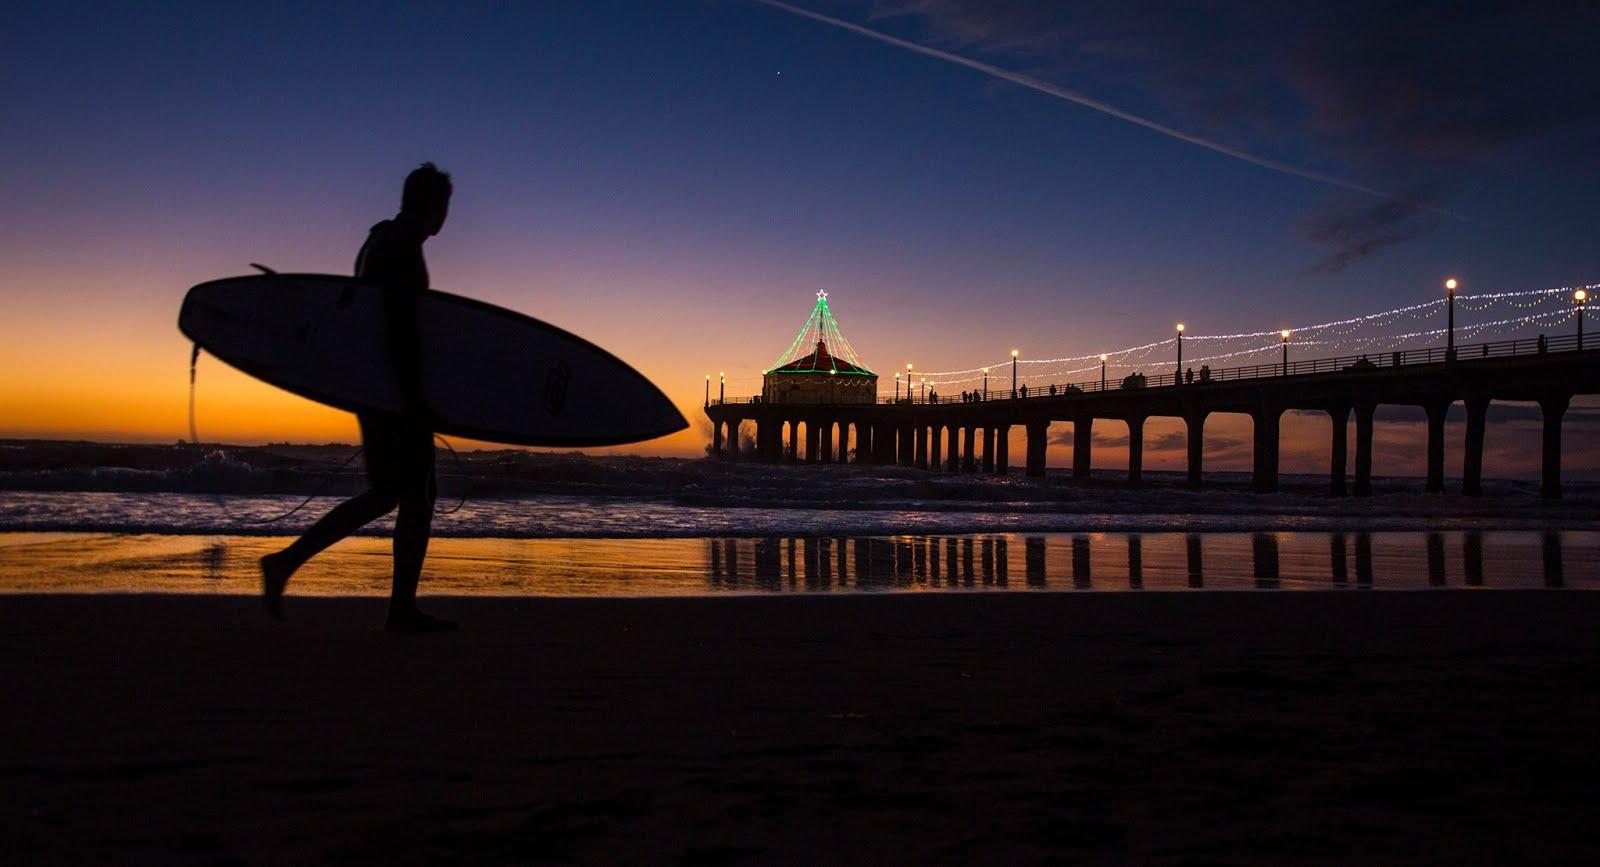 Quintessential Santa Monica at night